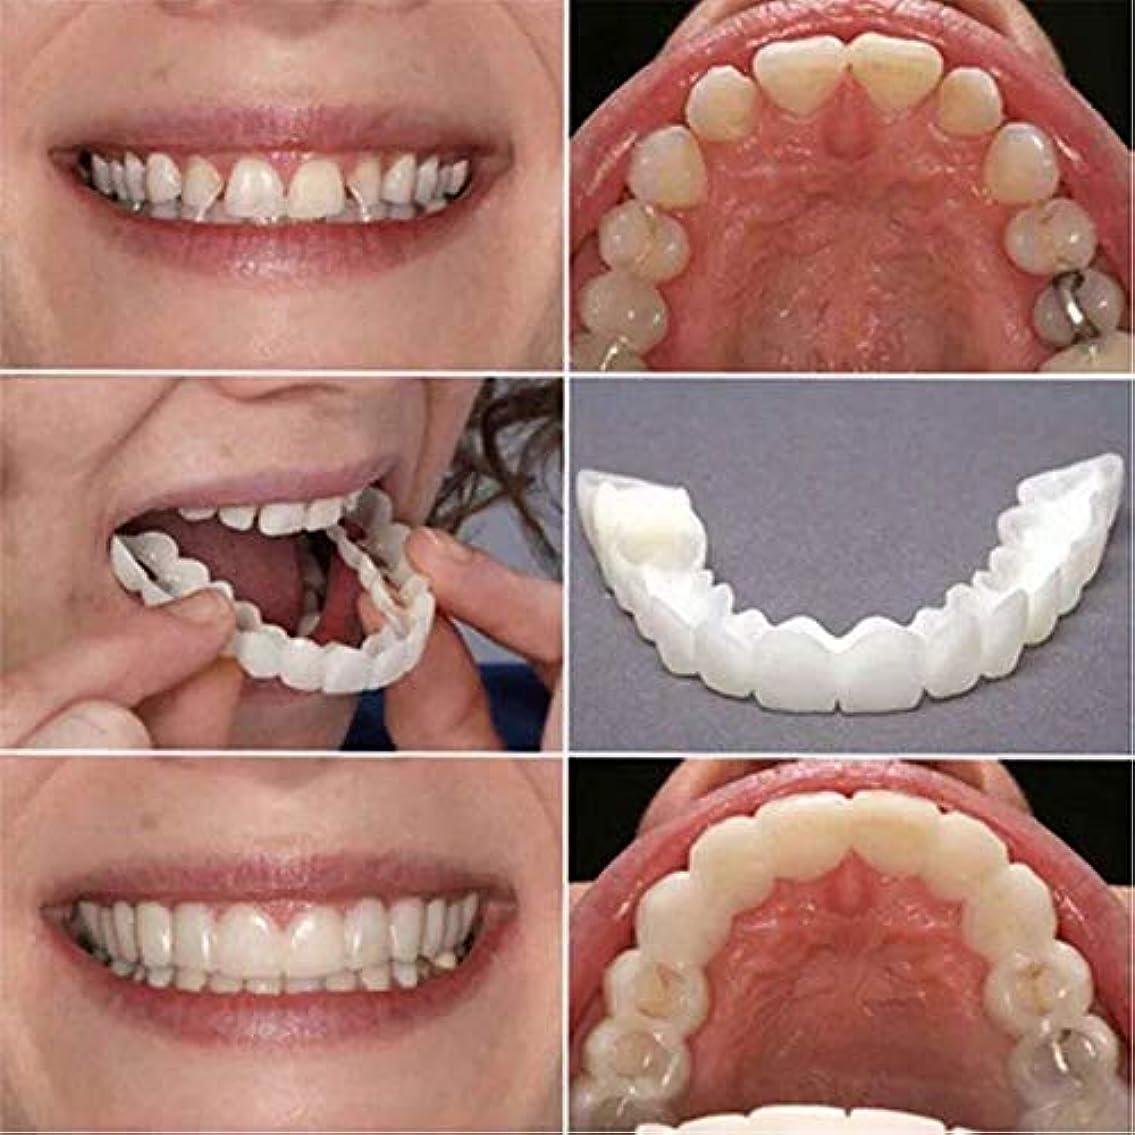 心臓スナック心臓2個の歯ピースフィッティング快適なフィット歯のソケット義歯口腔用品矯正アクセティース 笑顔を保つ